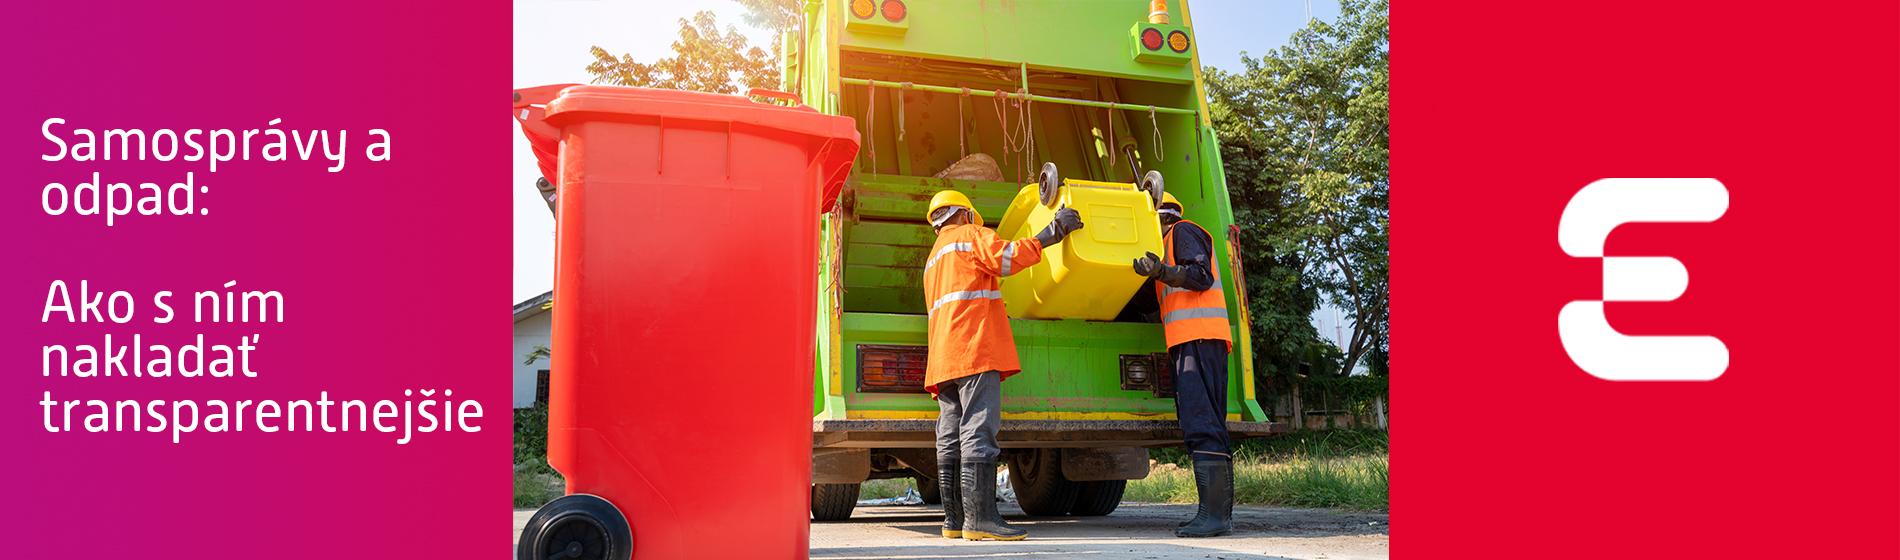 Samosprávy a odpad: Ako s ním nakladať transparentnejšie